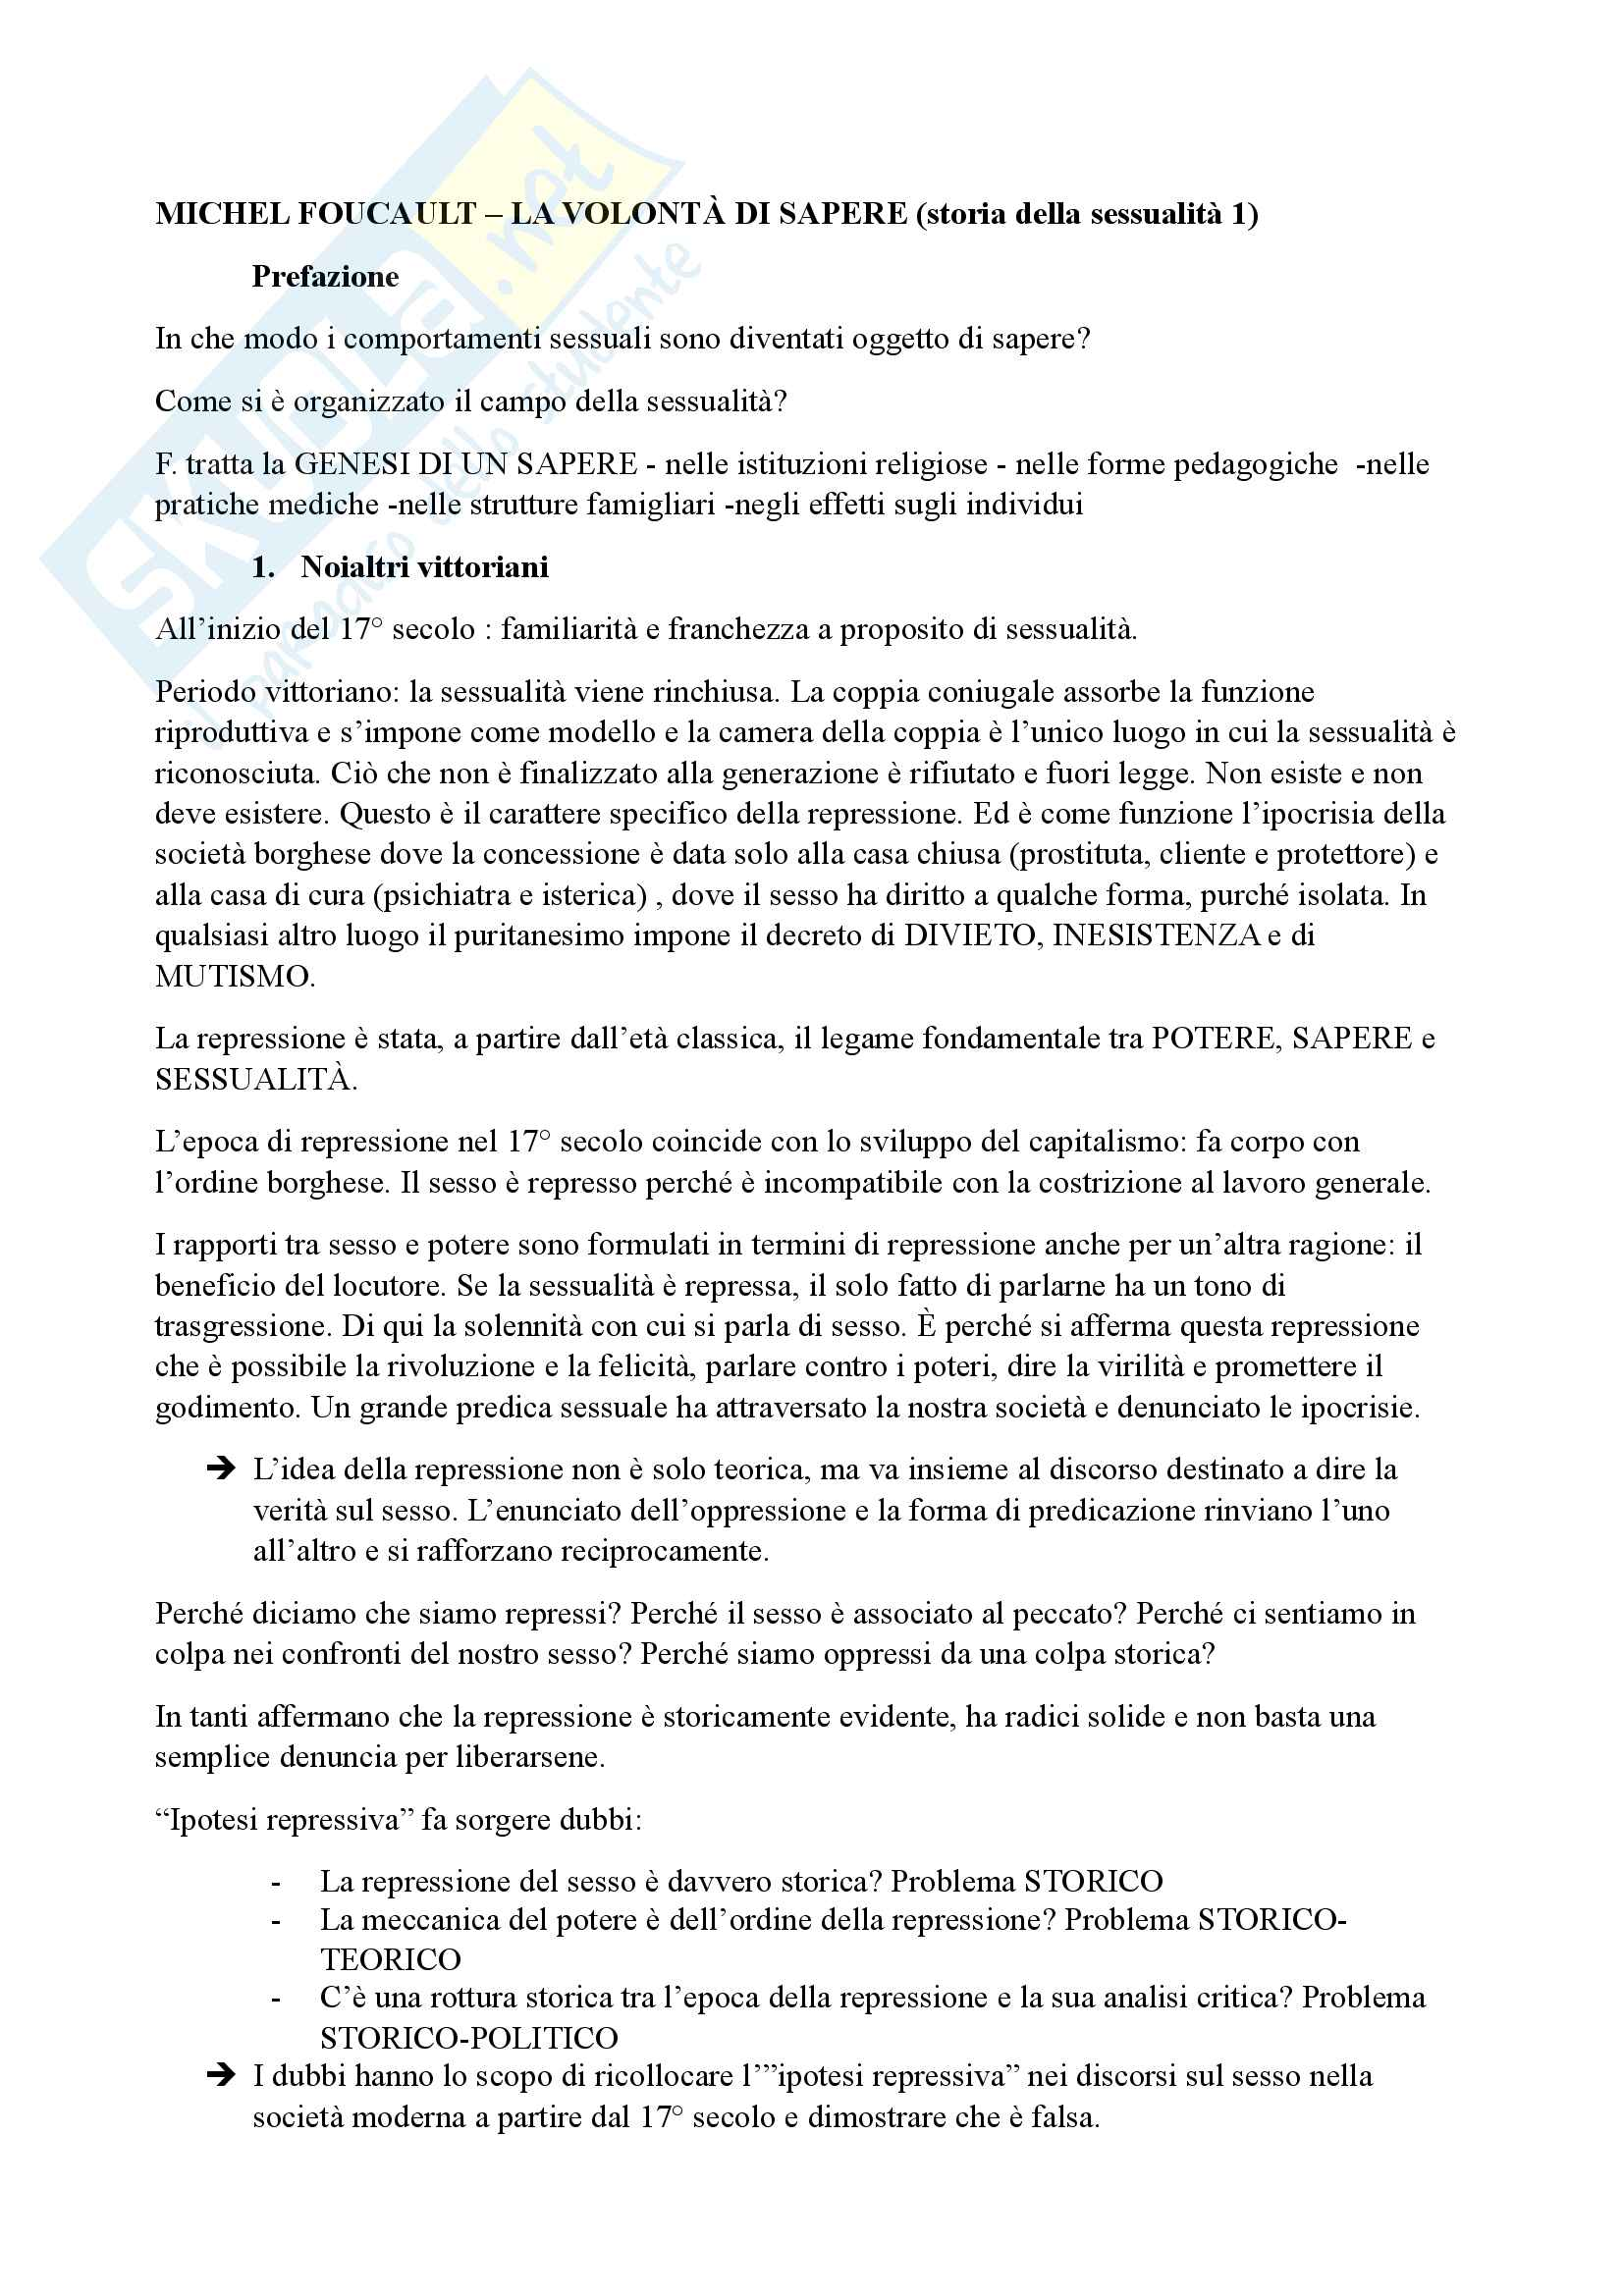 Riassunto esame Teoria della letteratura, prof. Iacoli, libro consigliato La volontà di sapere, Foucault